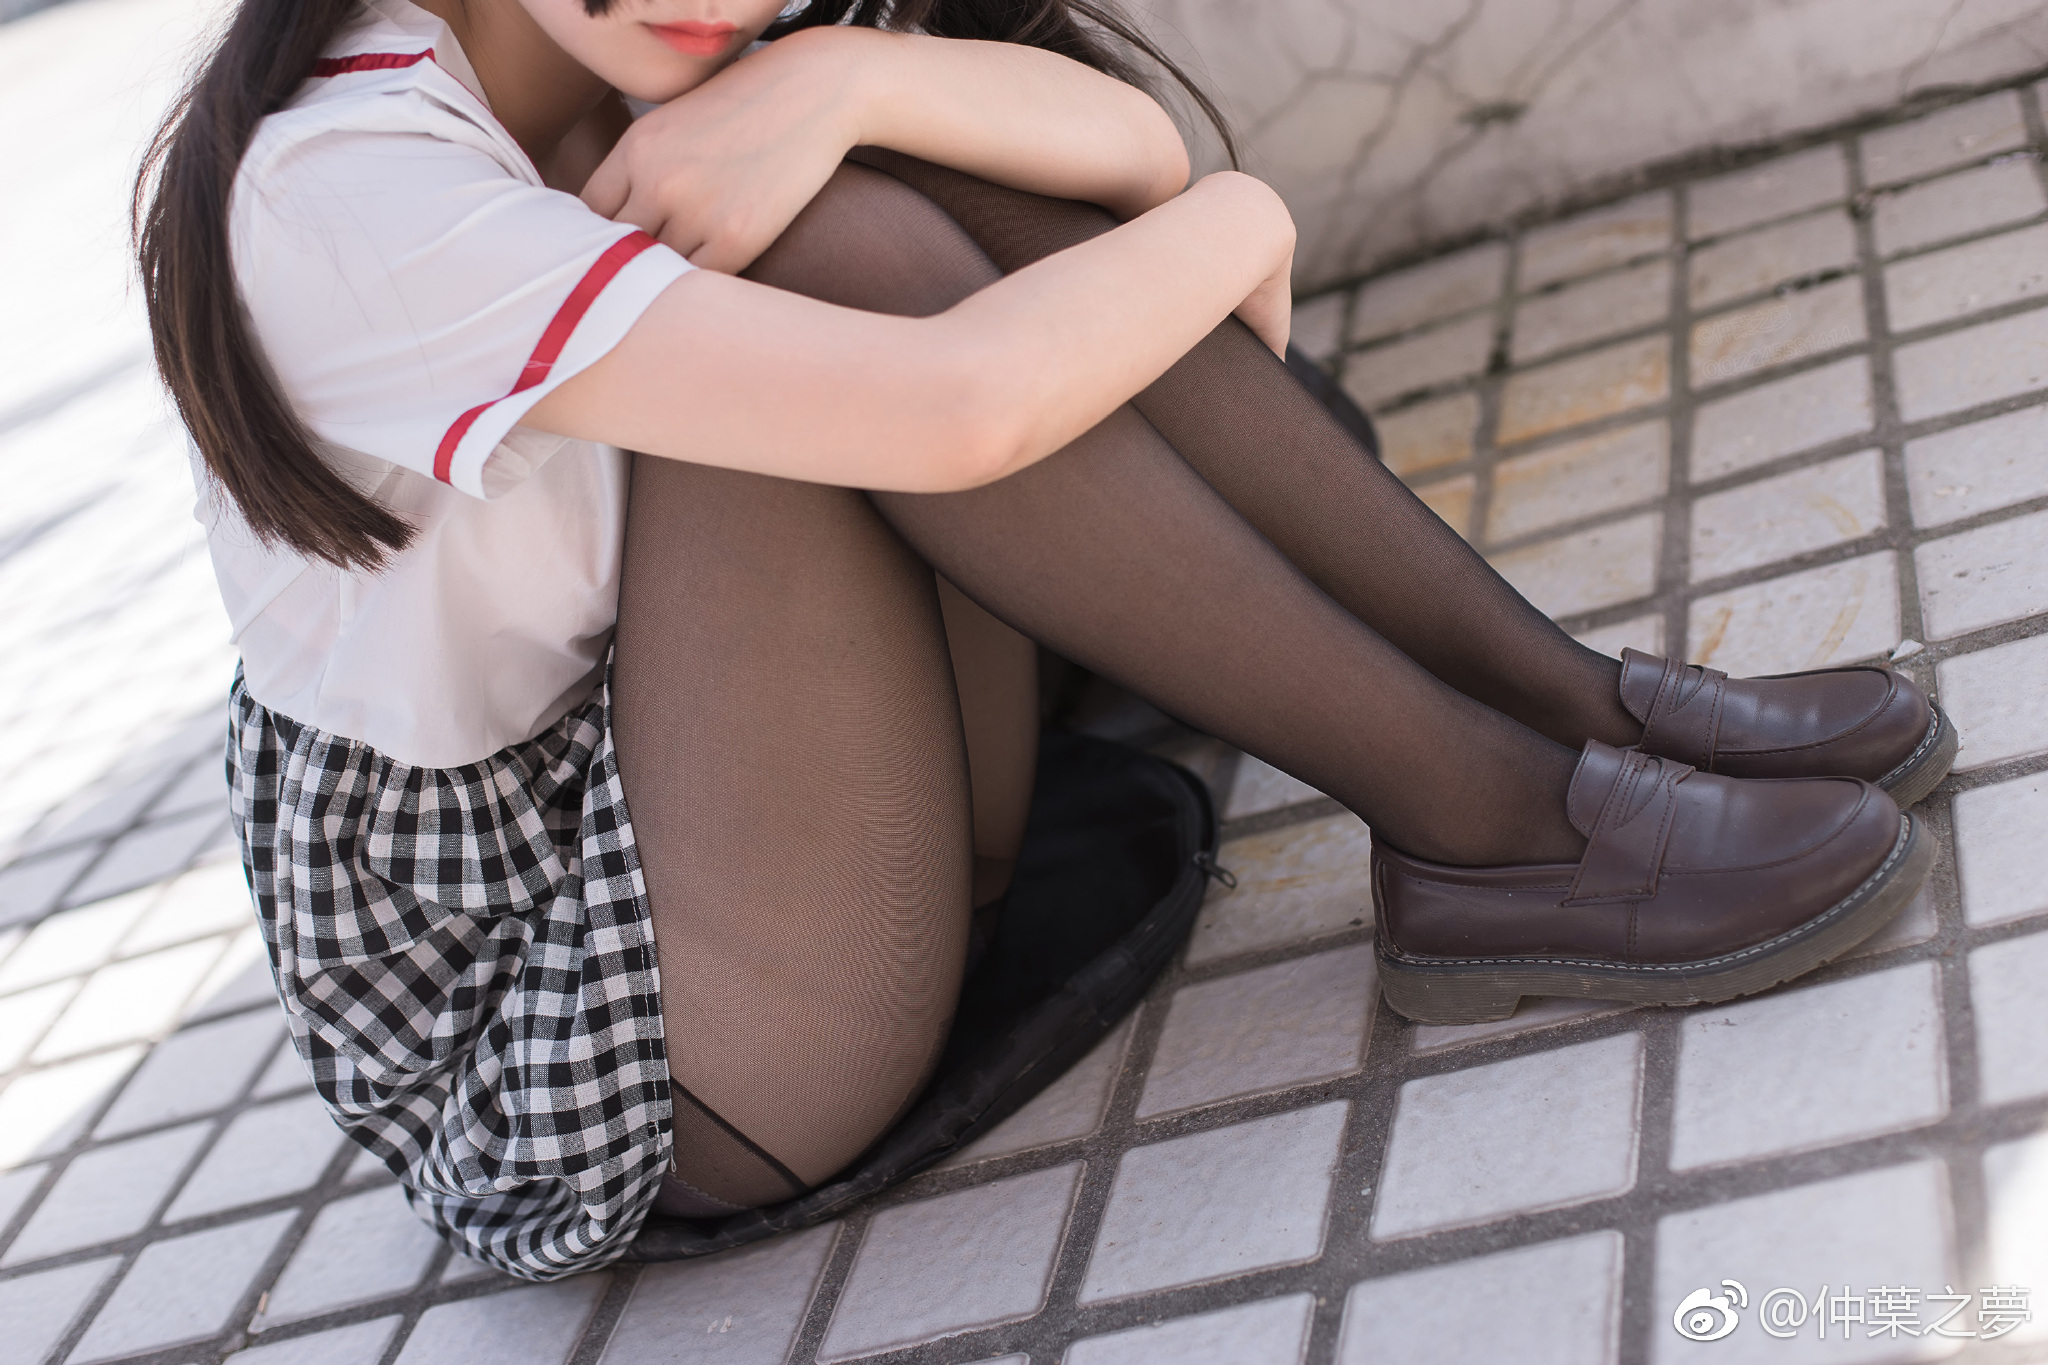 轻兰映画少女丝袜美腿写真:SPL-007(9P)